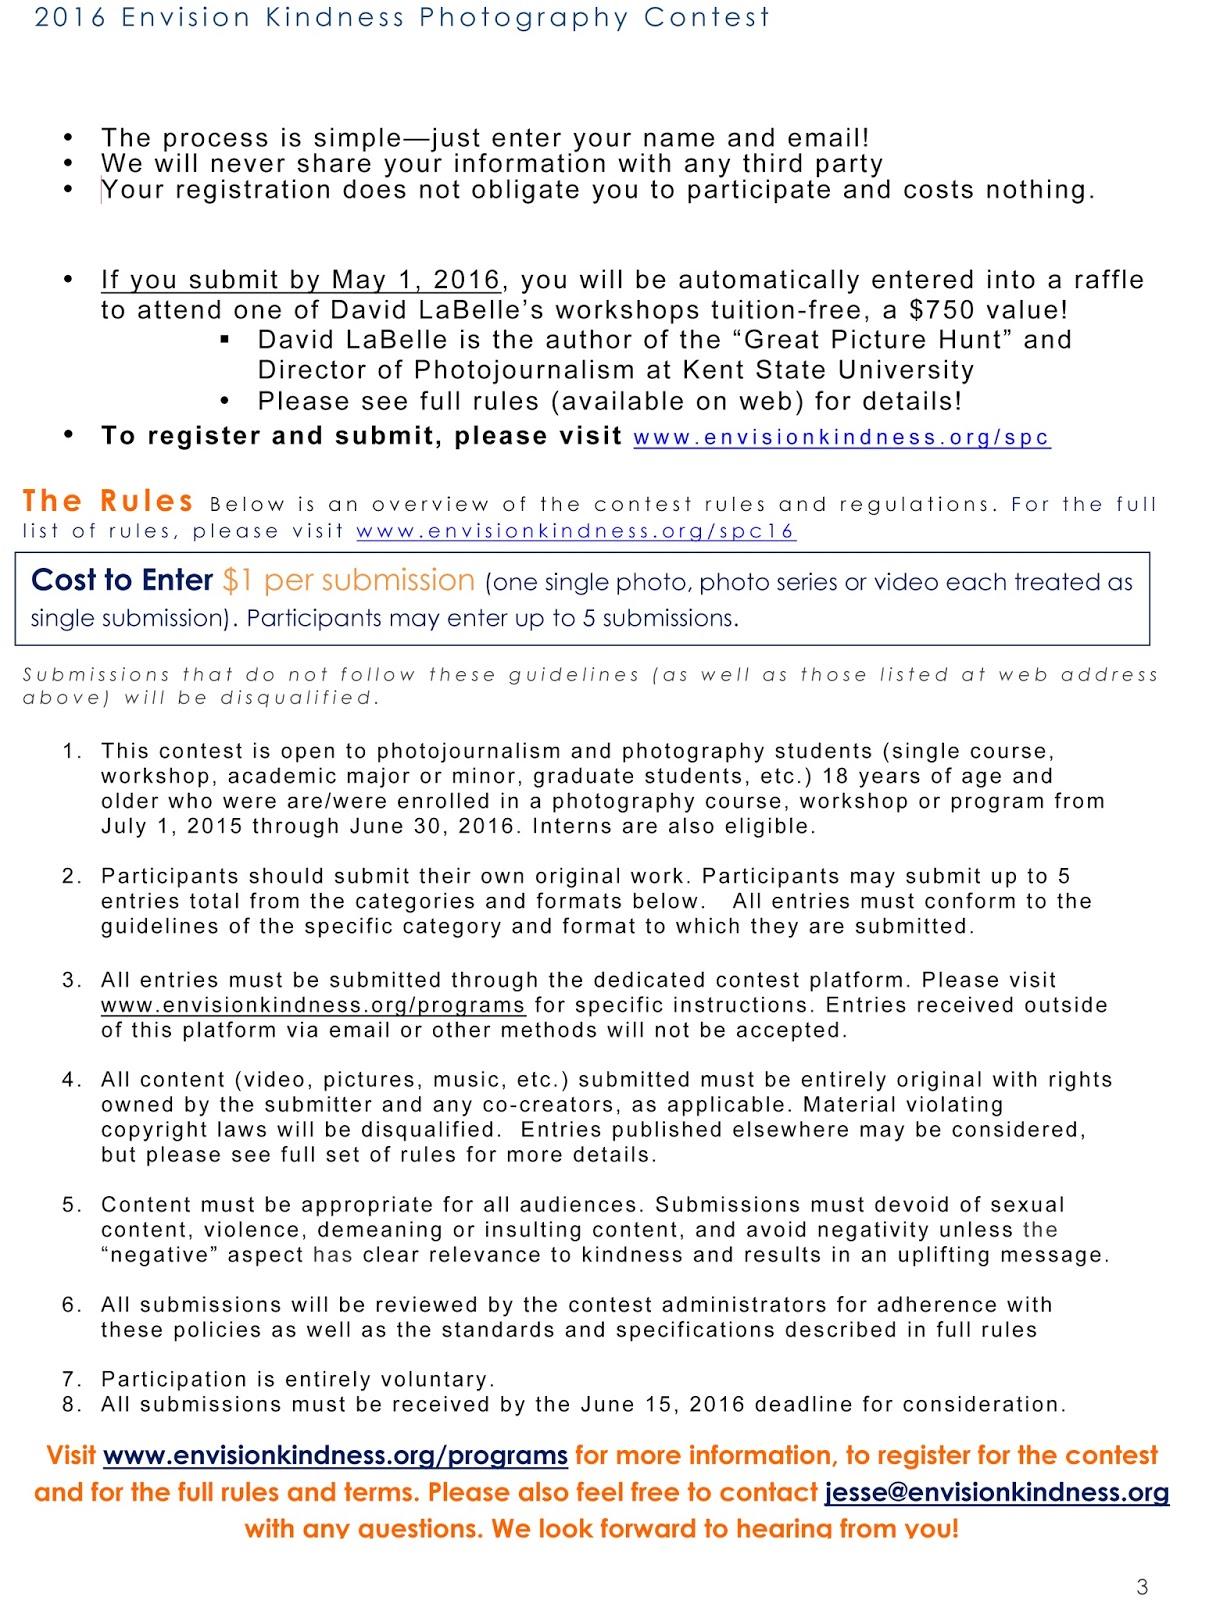 scad thesis prospectus